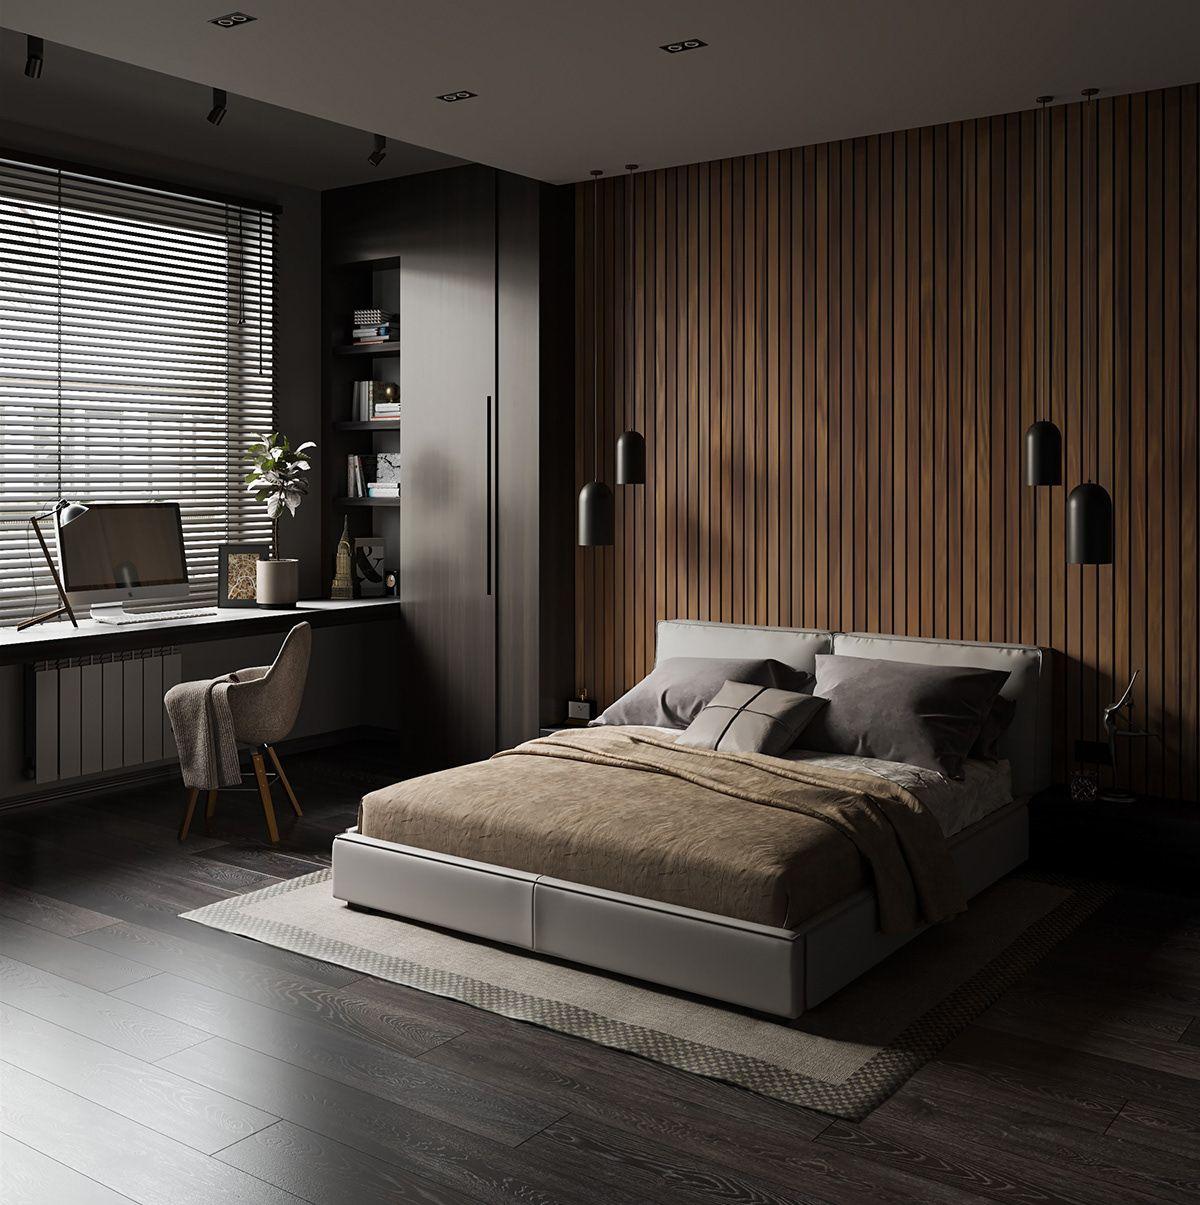 Interior Design Bedroom On Behance Bedroom Interior Design Modern Interior Design Bedroom Luxury Bedroom Master